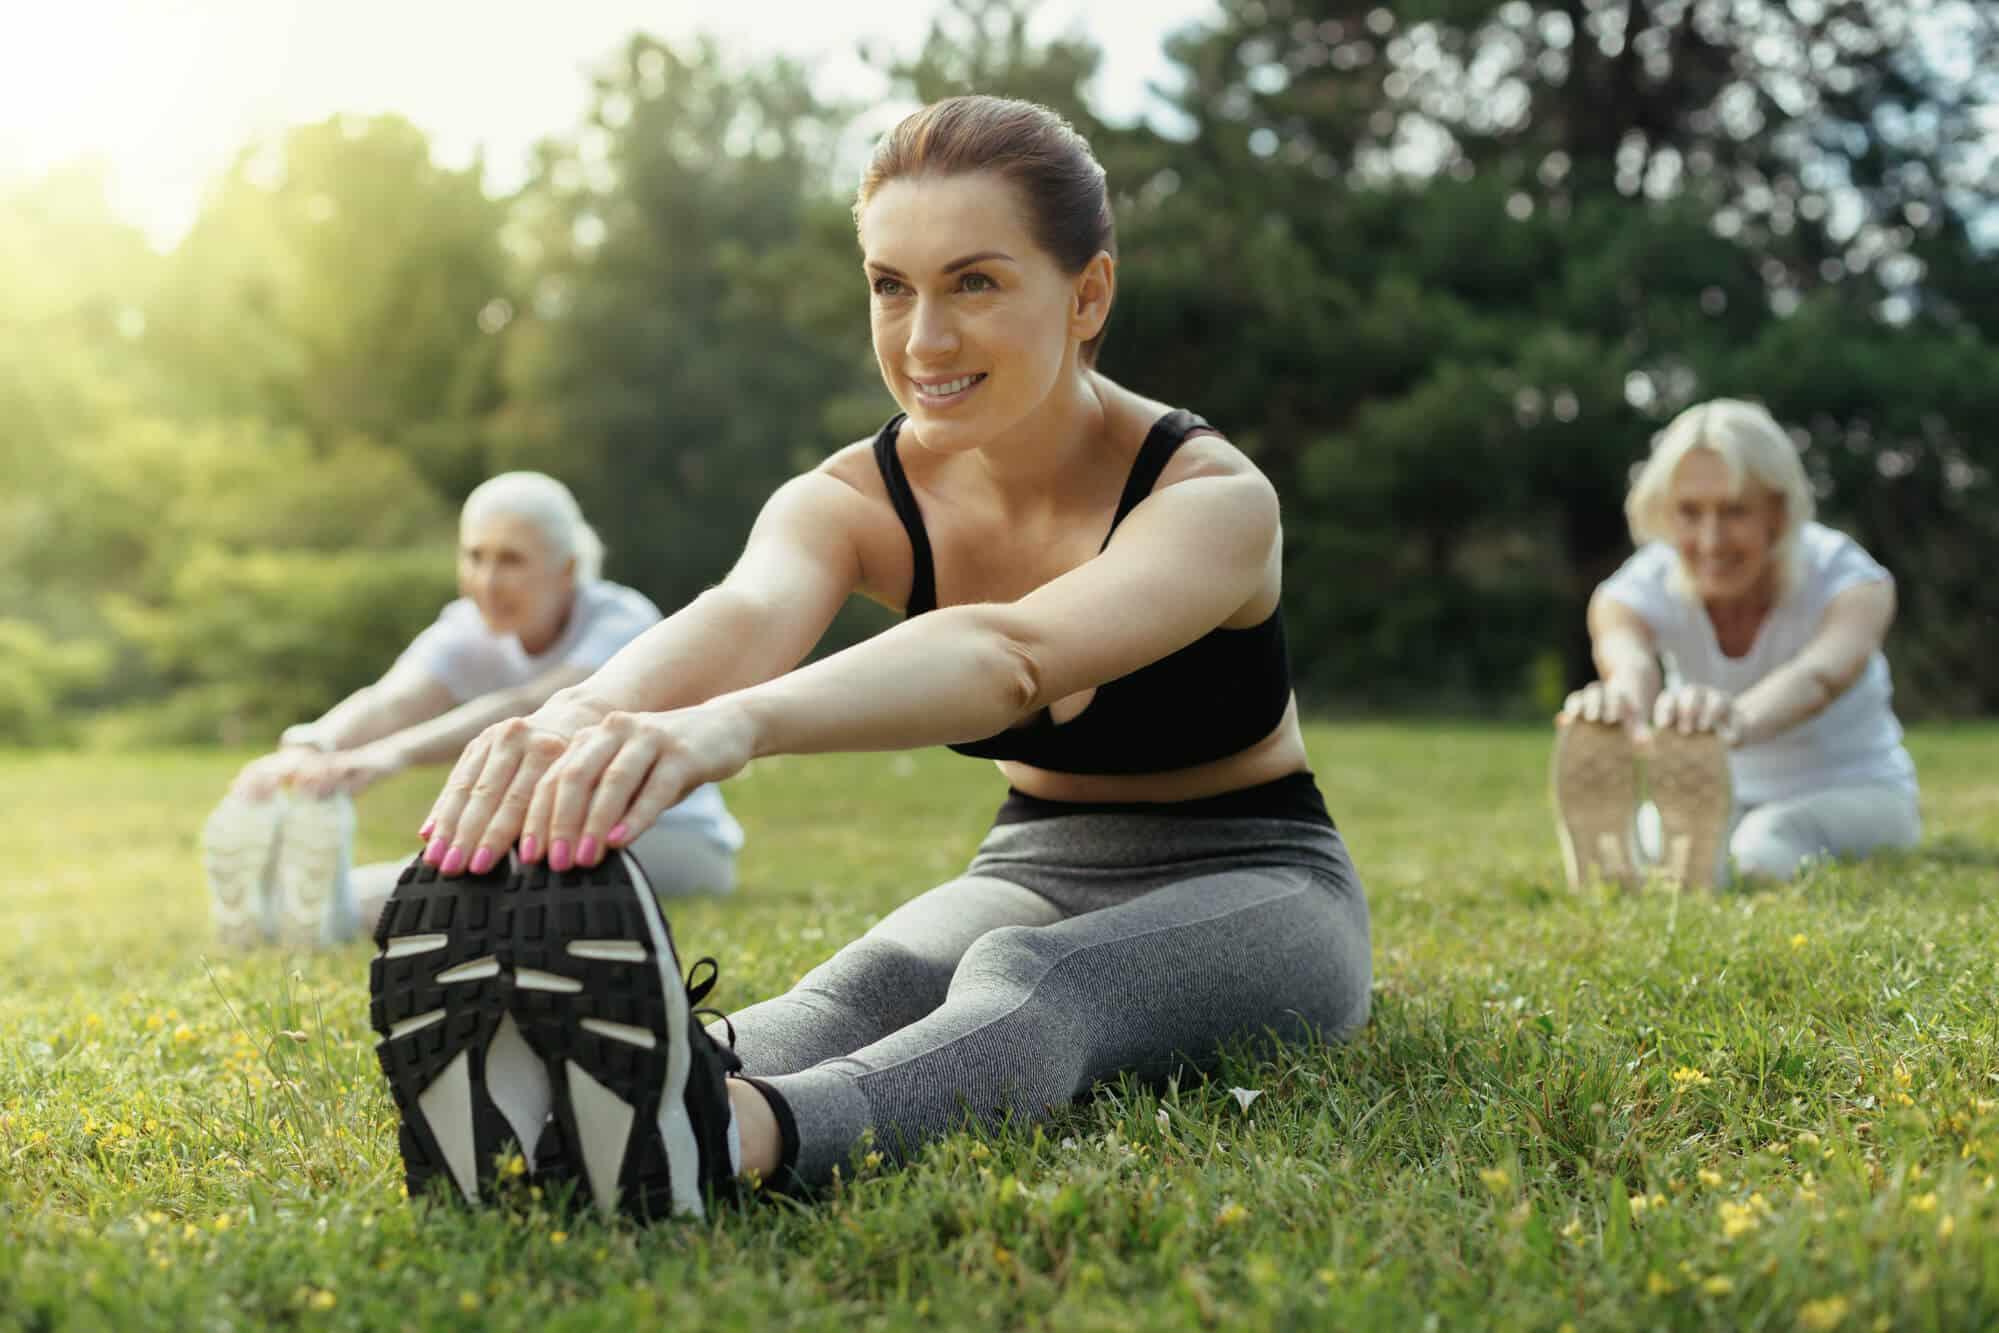 פעילות גופנית לגיל השלישי – מהי ההמלצה